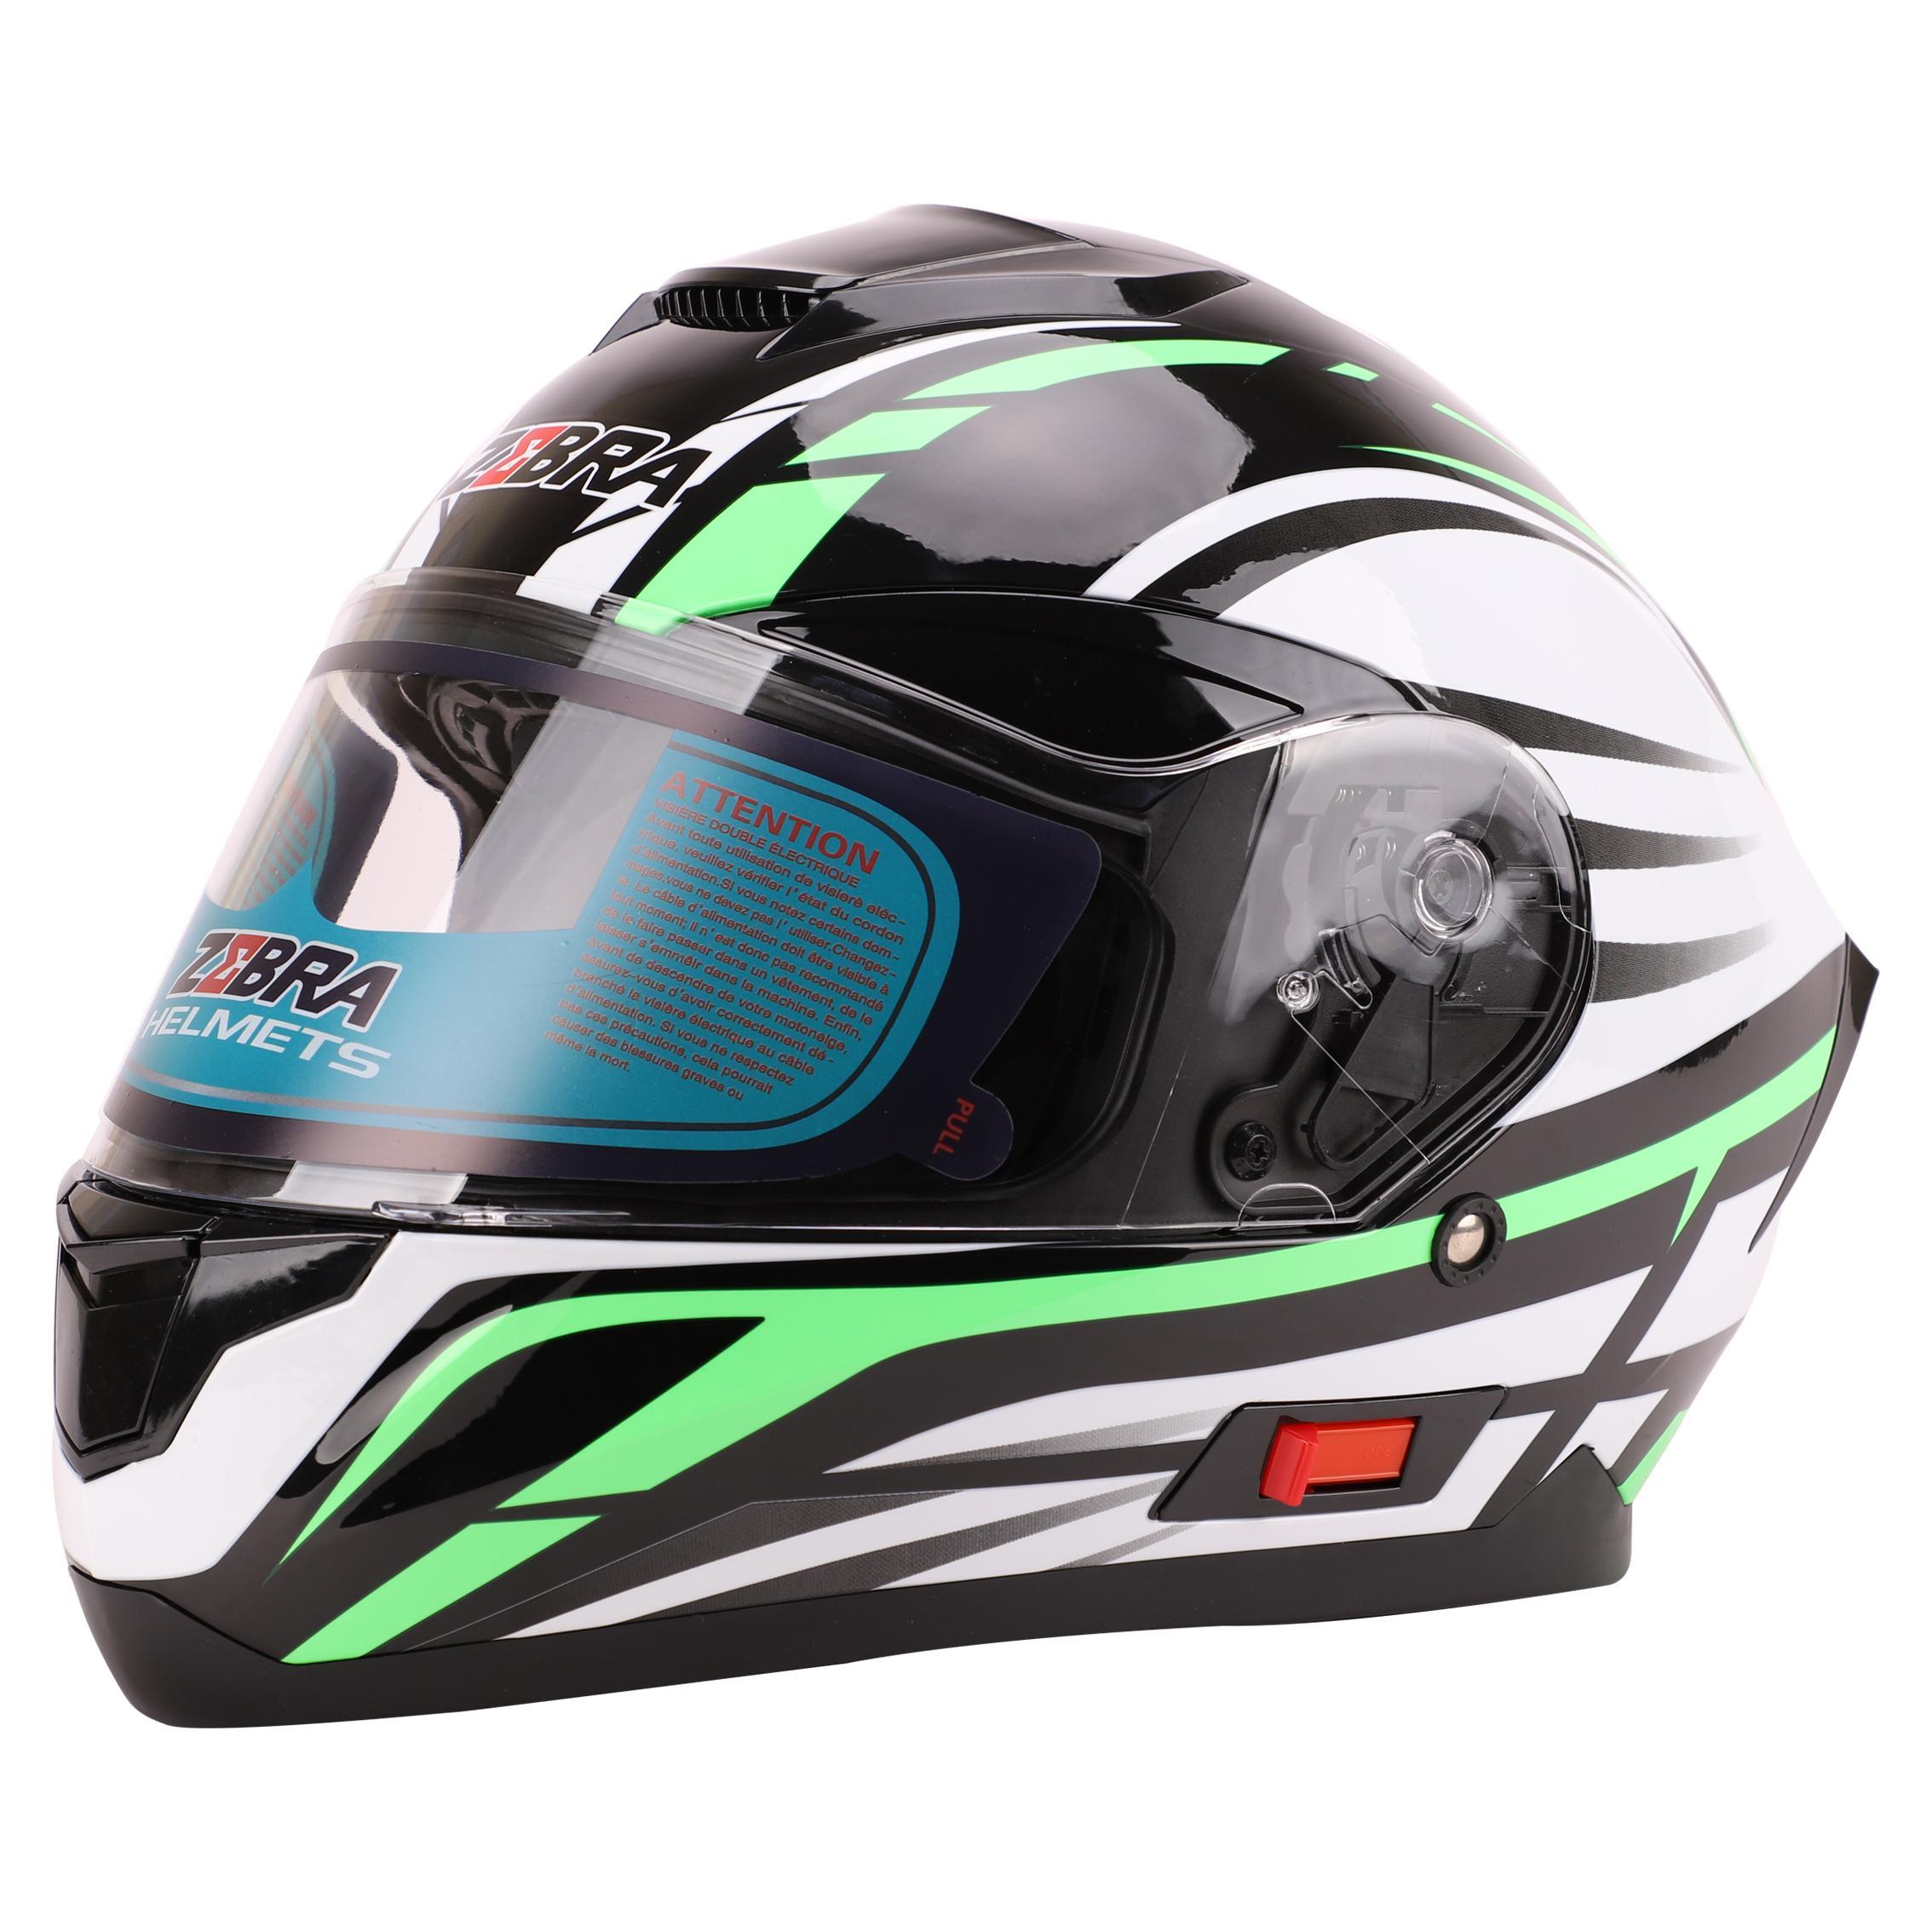 ZEBRA Helmets 807 Full Face Dual Visor Motocycle Helmet